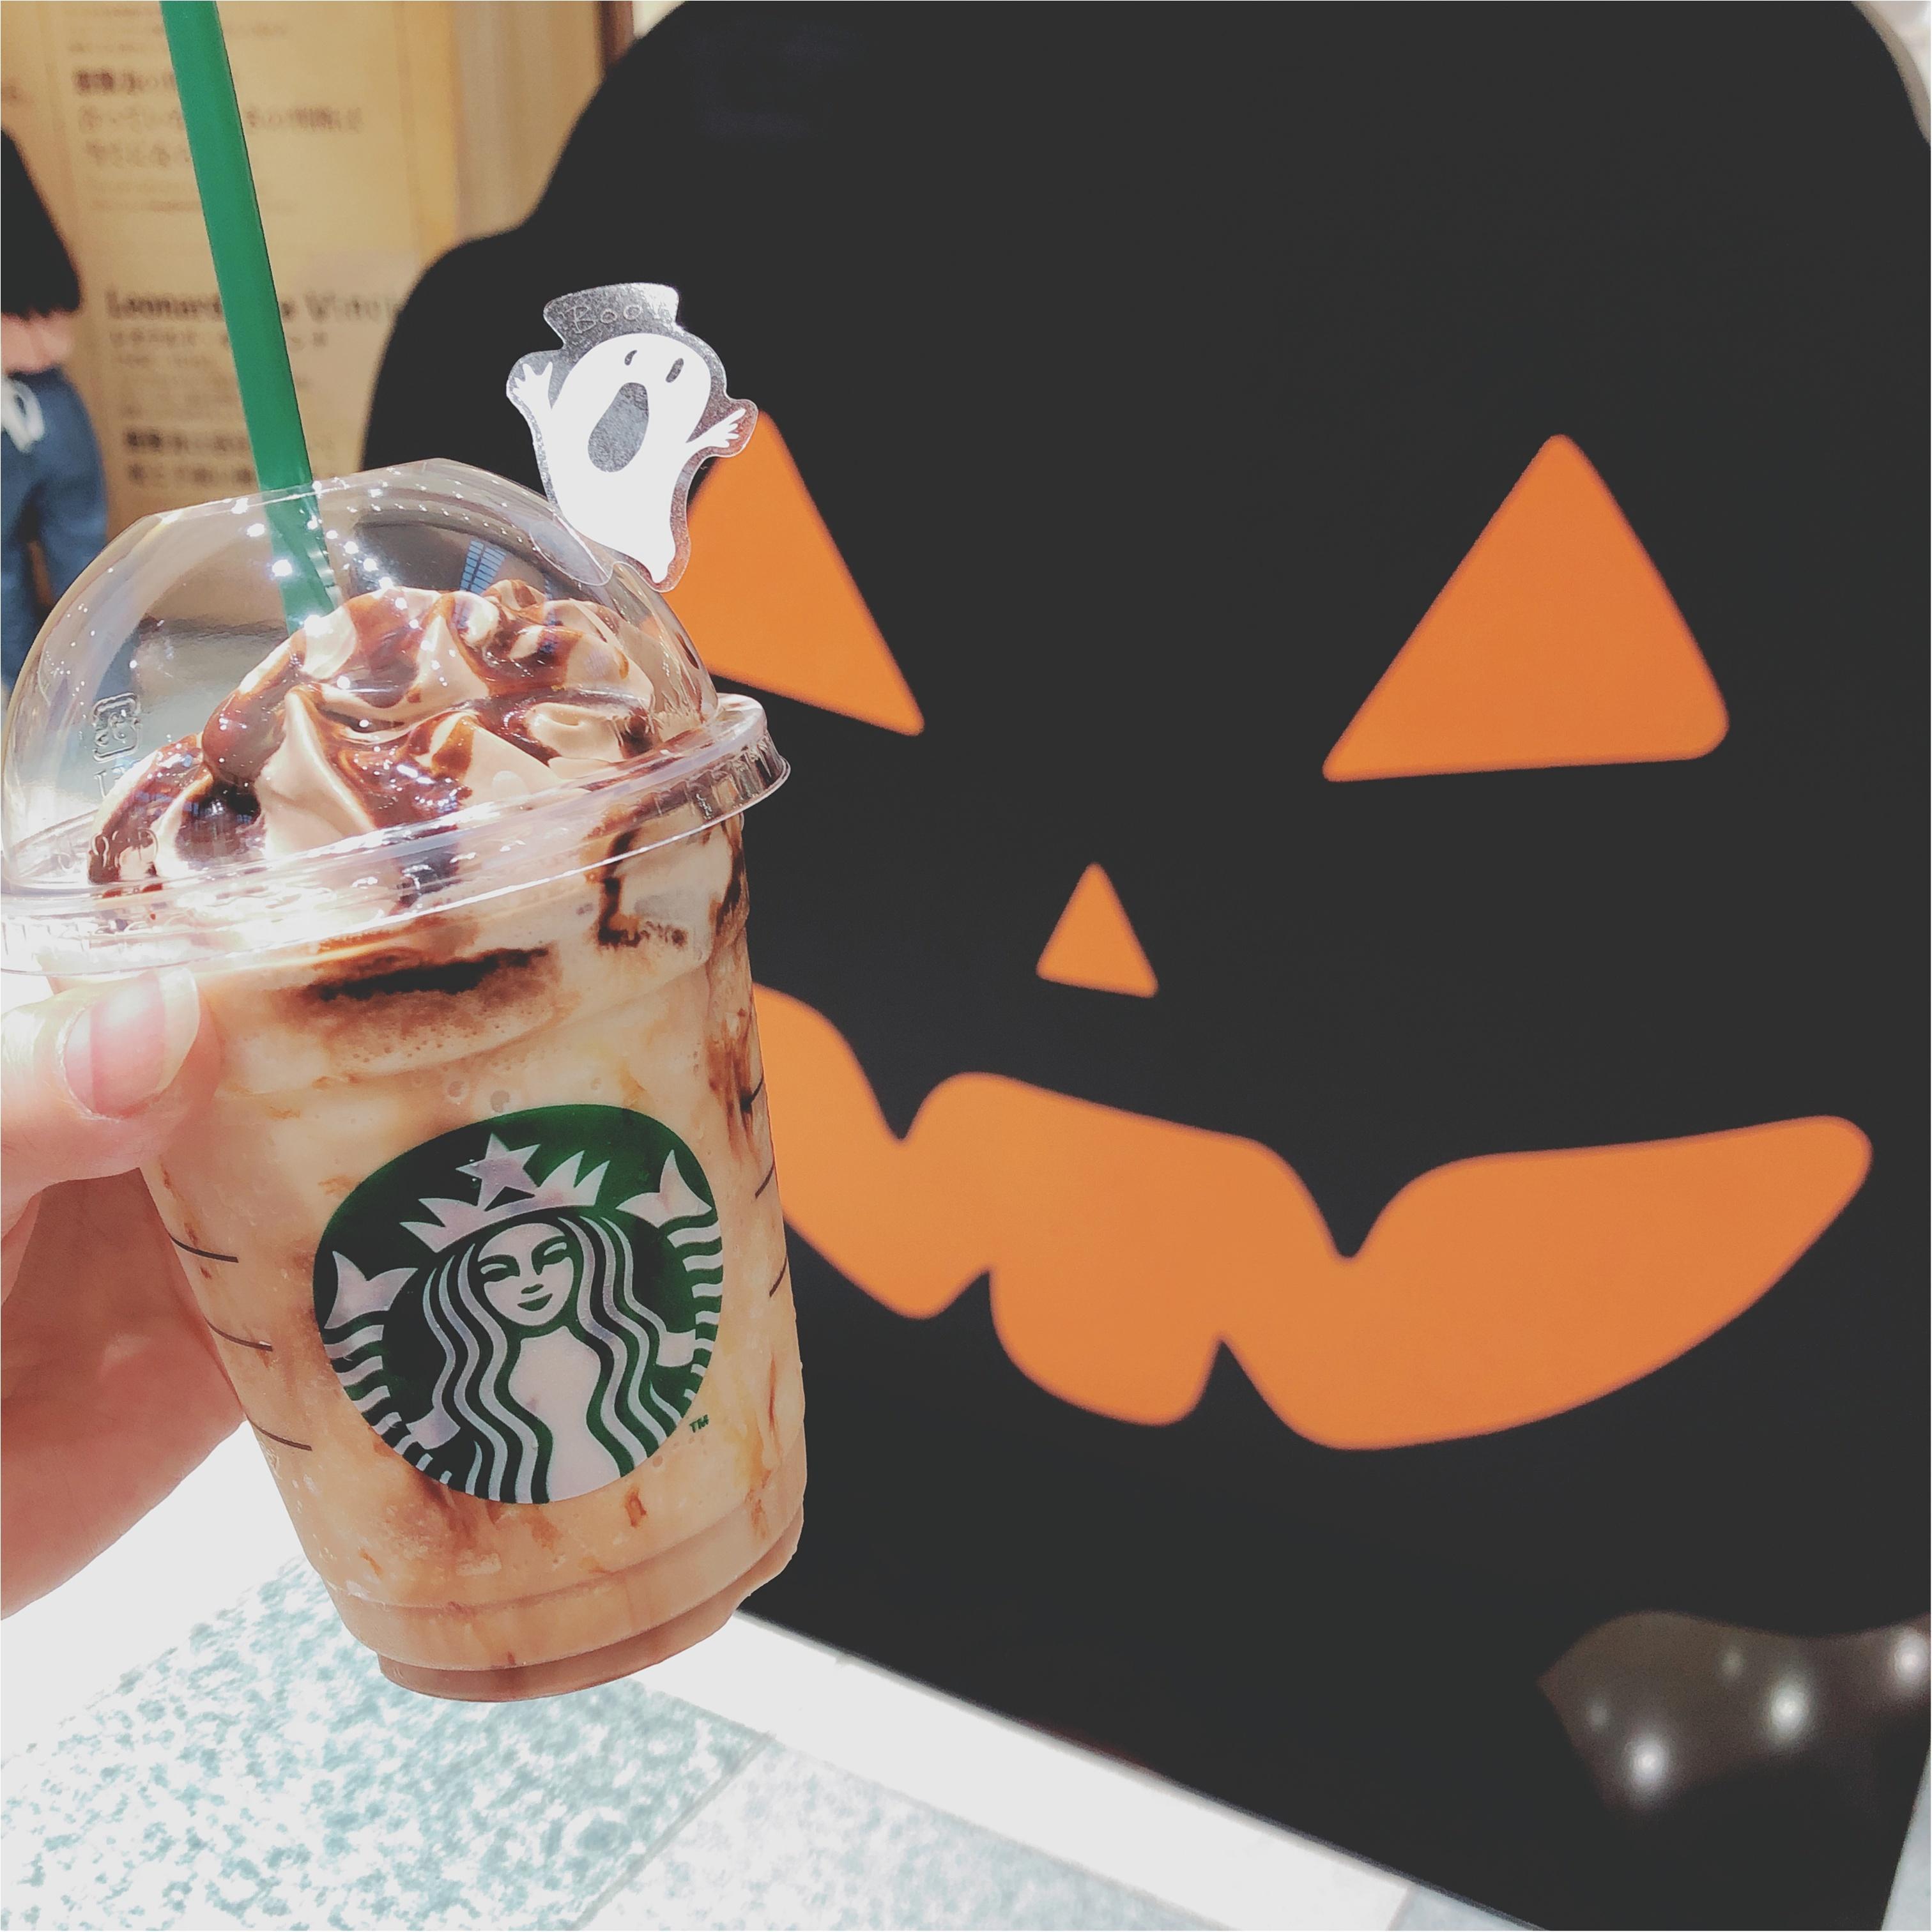 【スタバ】Halloween 7日間限定のハロウィーンミステリーフラペチーノ飲みました♥︎明後日まで!!11/1〜の新メニューは…♡♡_1